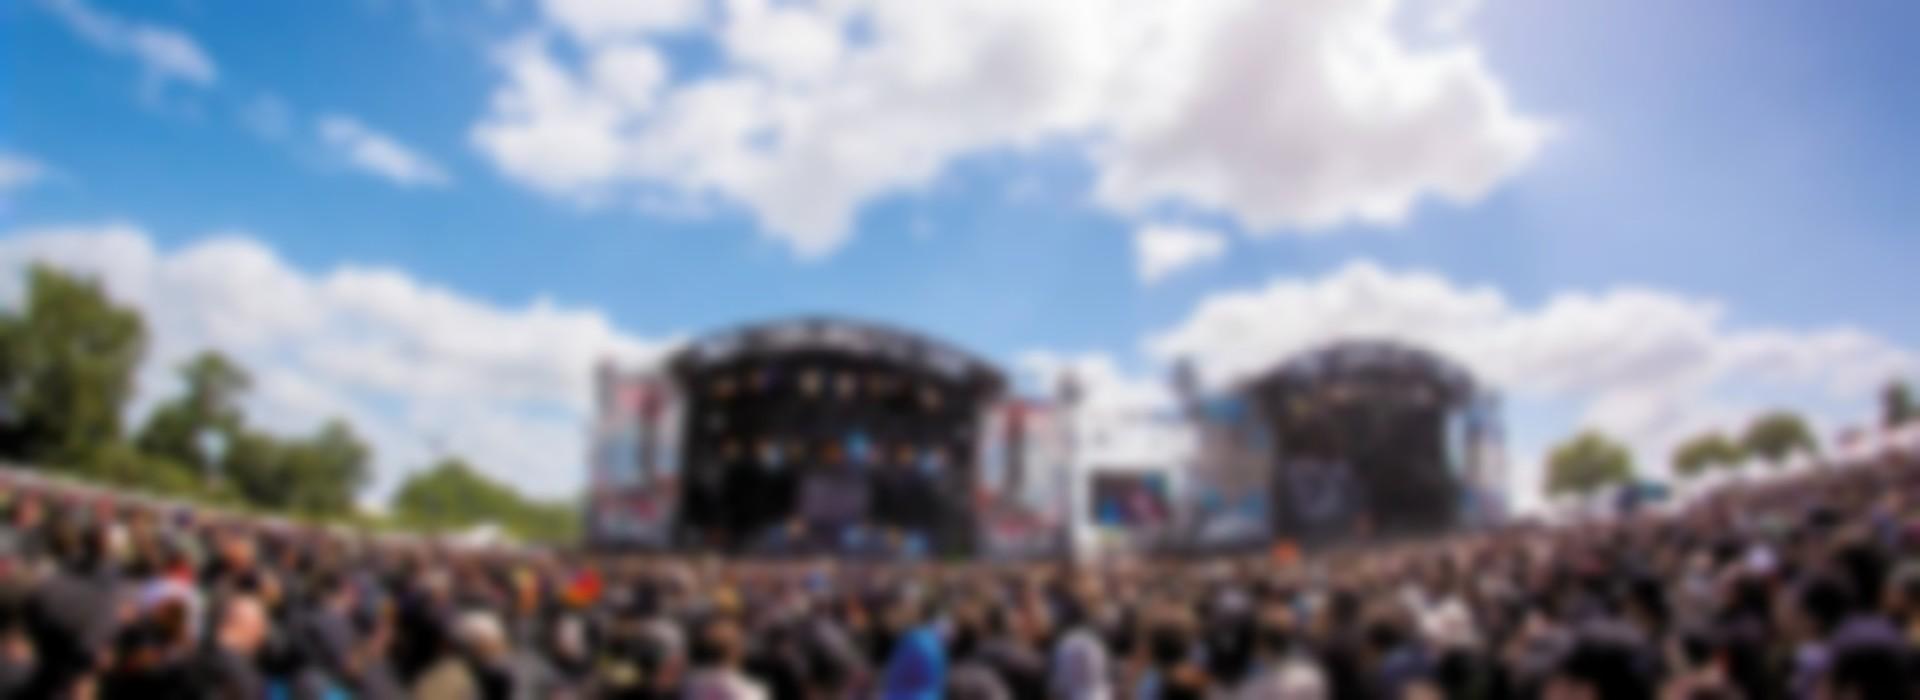 FESTIVAL HELLFEST 2019 Ftes Et Manifestations En Pays De La Loire